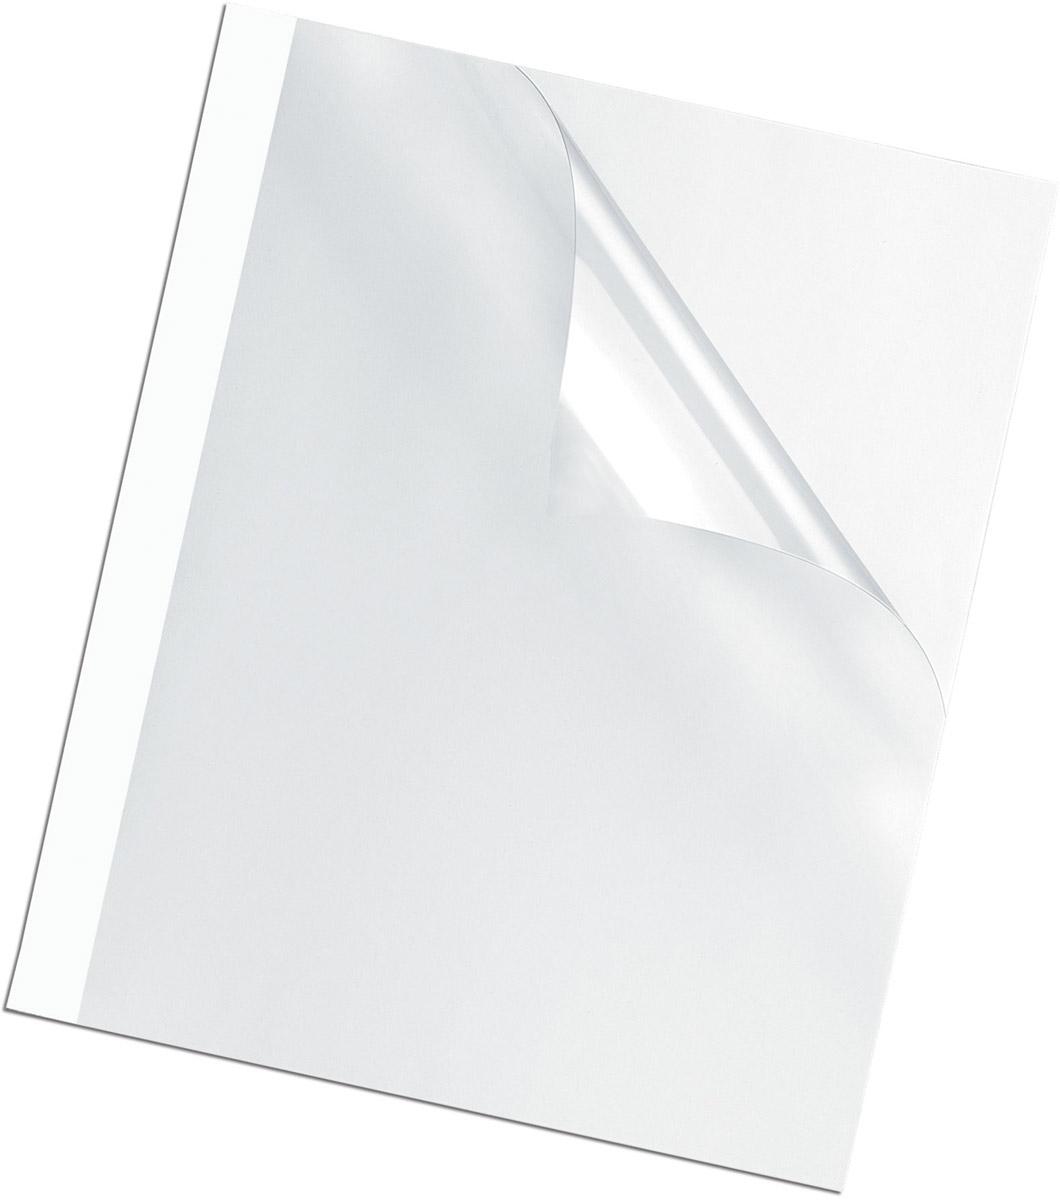 Fellowes A4 FS-53152 обложка для термопереплета, 3 мм (100 шт) - Расходные материалы